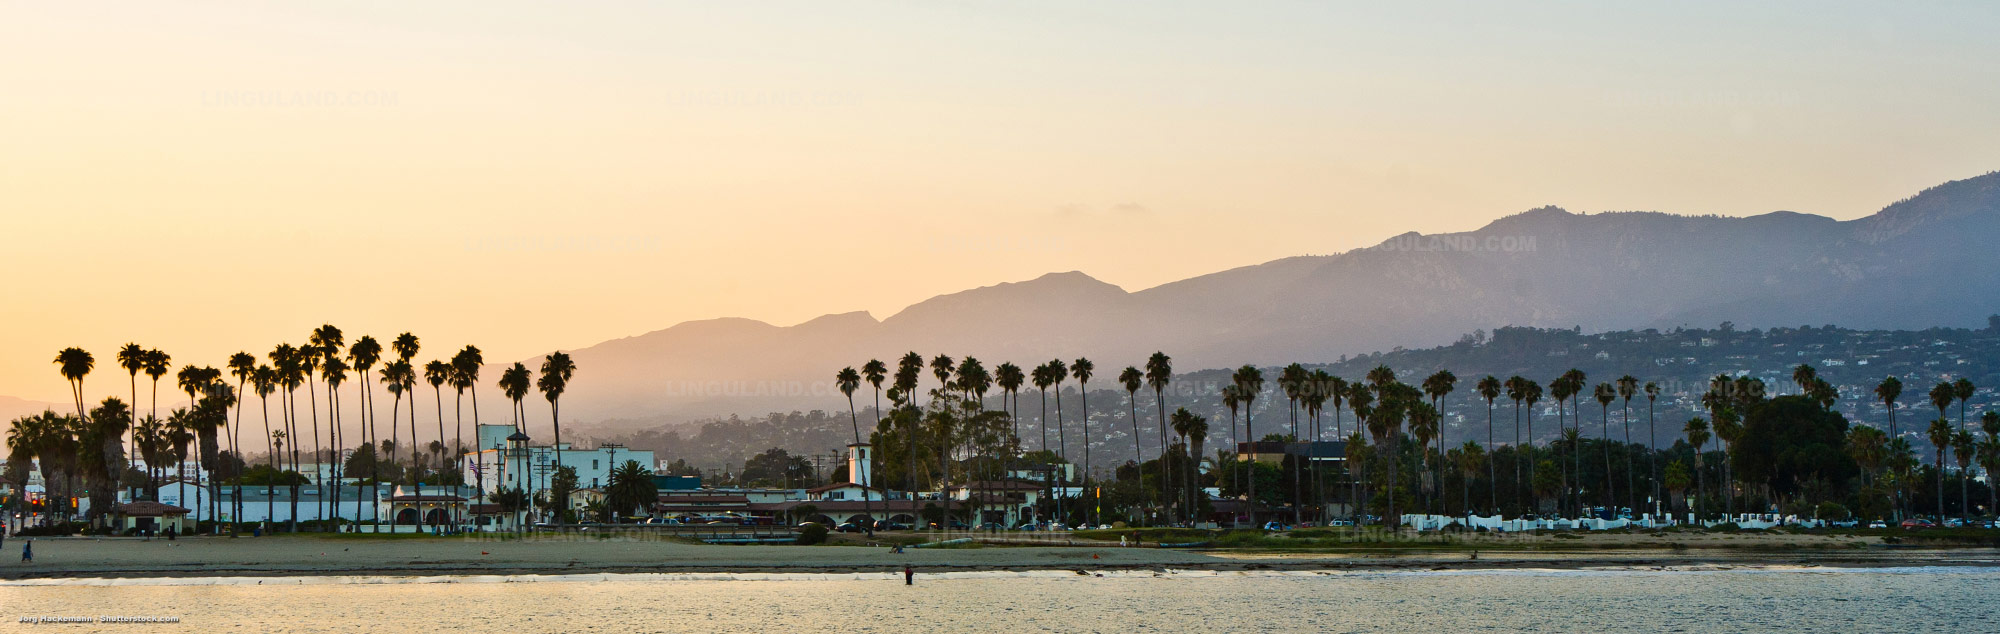 Escuelas de inglés en Santa Barbara